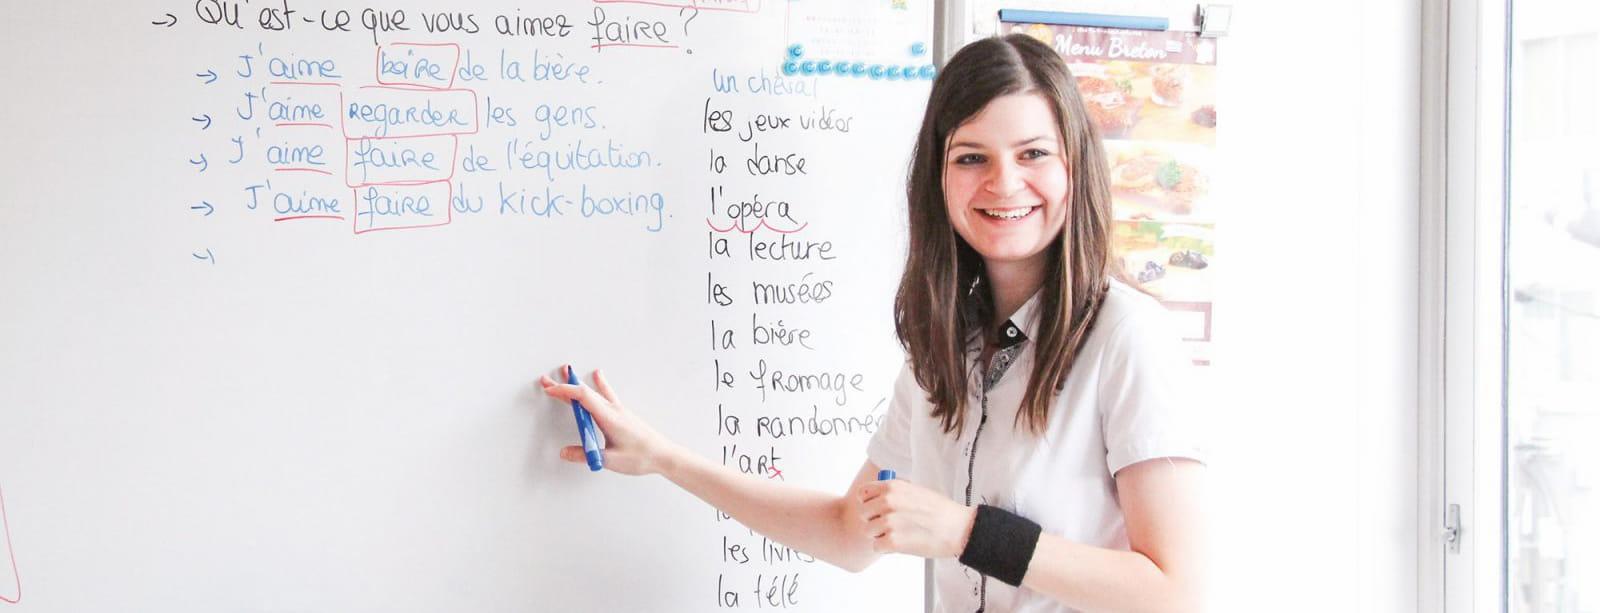 フランス語を教える講師